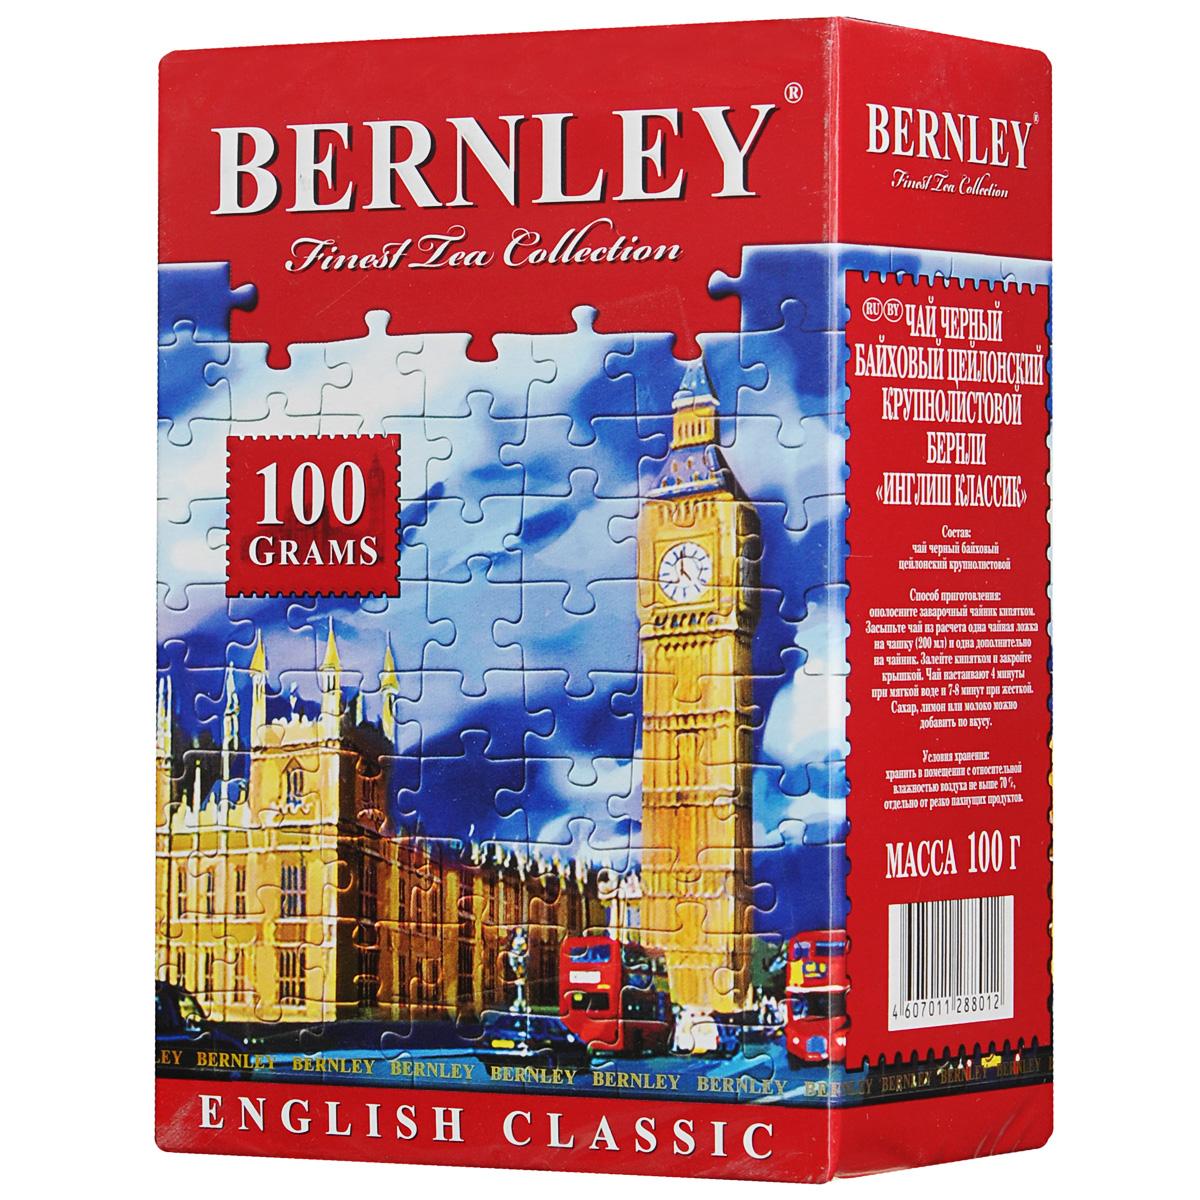 Bernley English Classic черный листовой чай, 100 г1070037Bernley English Classic - традиционный черный чай, созданный по классическому английскому рецепту, с густым, насыщенного цвета настоем и тонким ароматом, присущим лишь лучшим сортам цейлонского чая. Вкус терпкий, сбалансированный, с утонченными оригинальными оттенками.